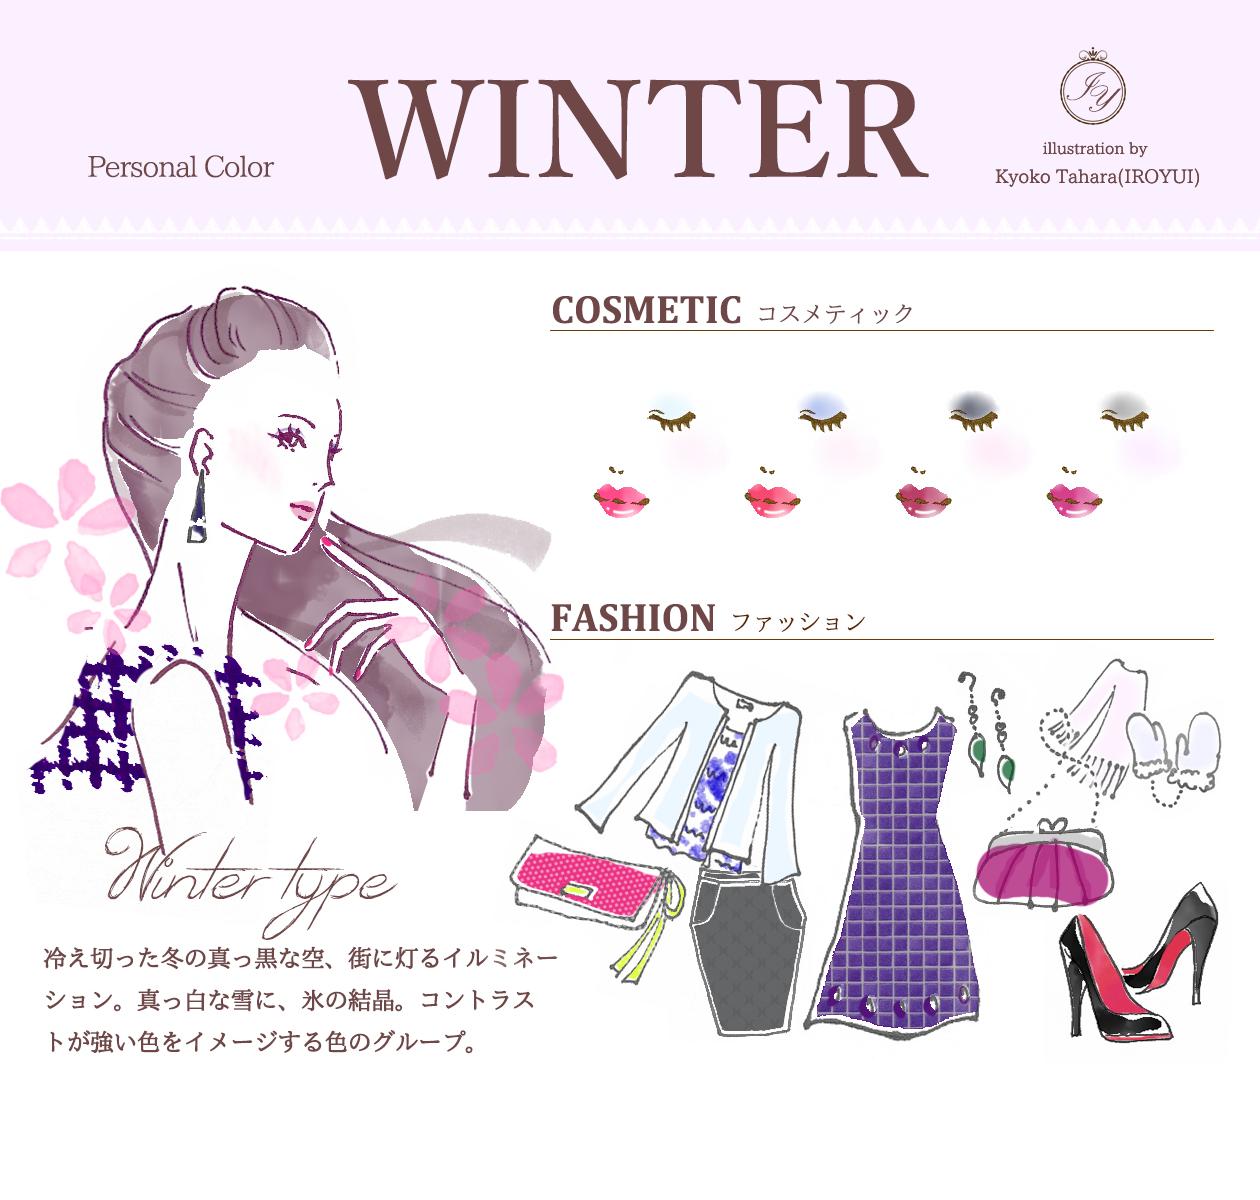 いろゆいパーソナルカラー冬